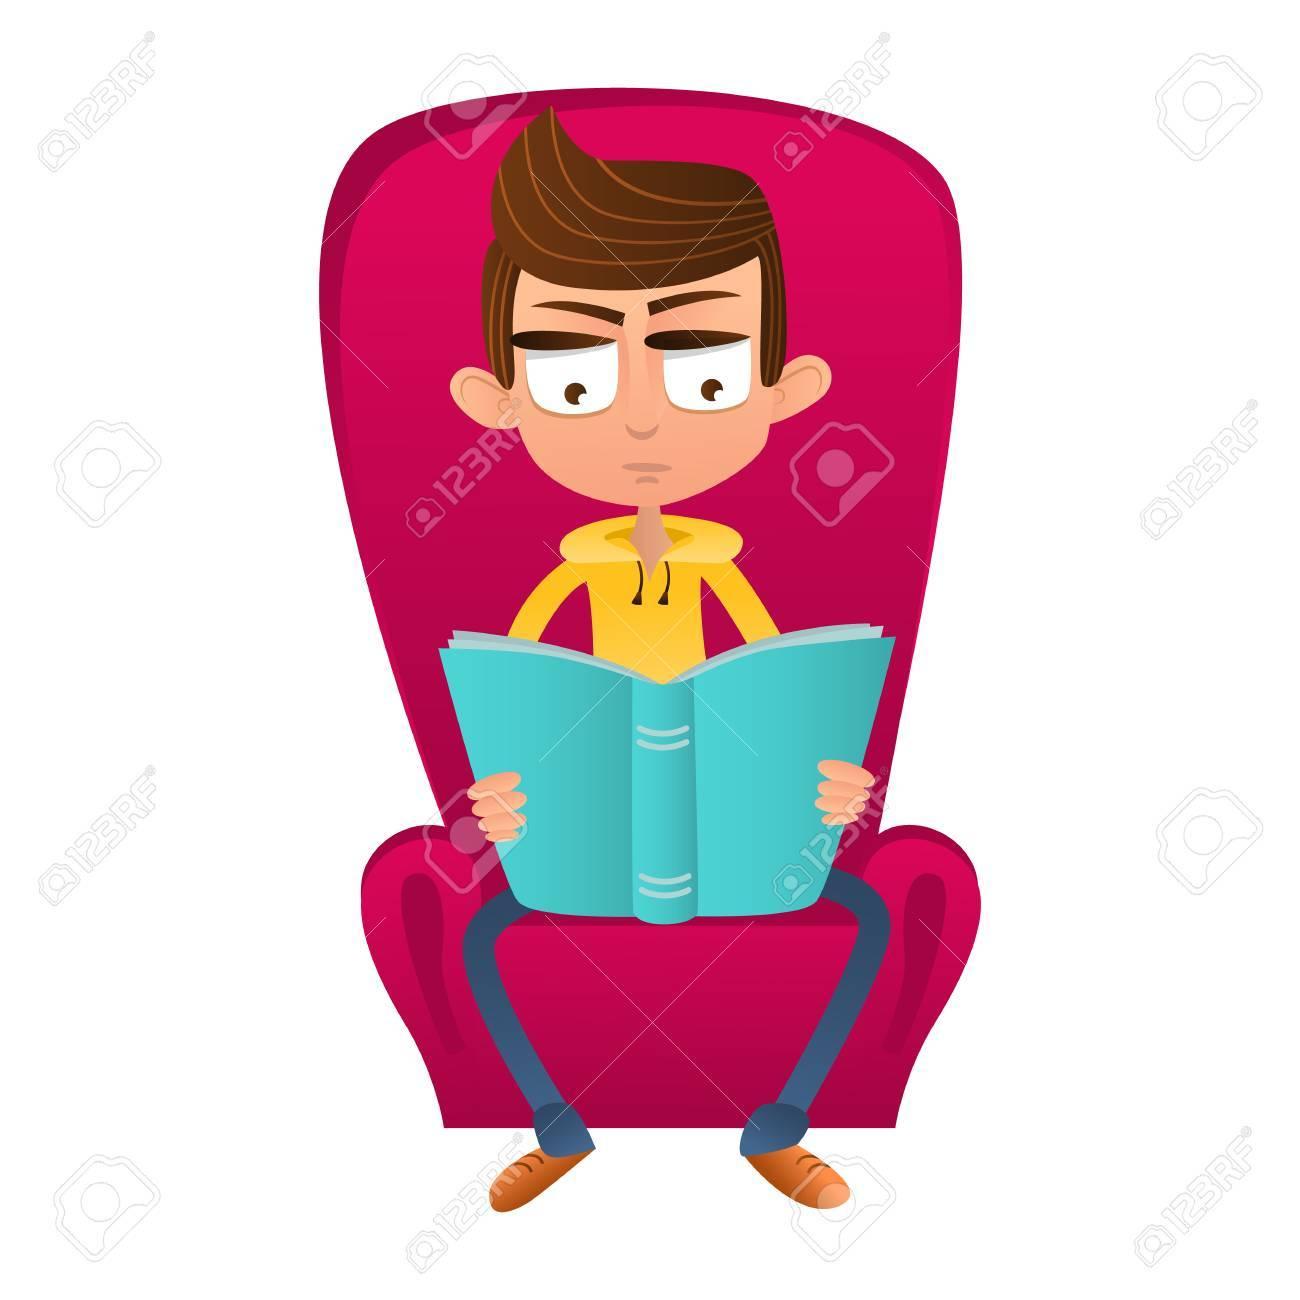 Garcon Intelligent Assis Sur Une Chaise Et Lire Un Style De Dessin Anime De Livre